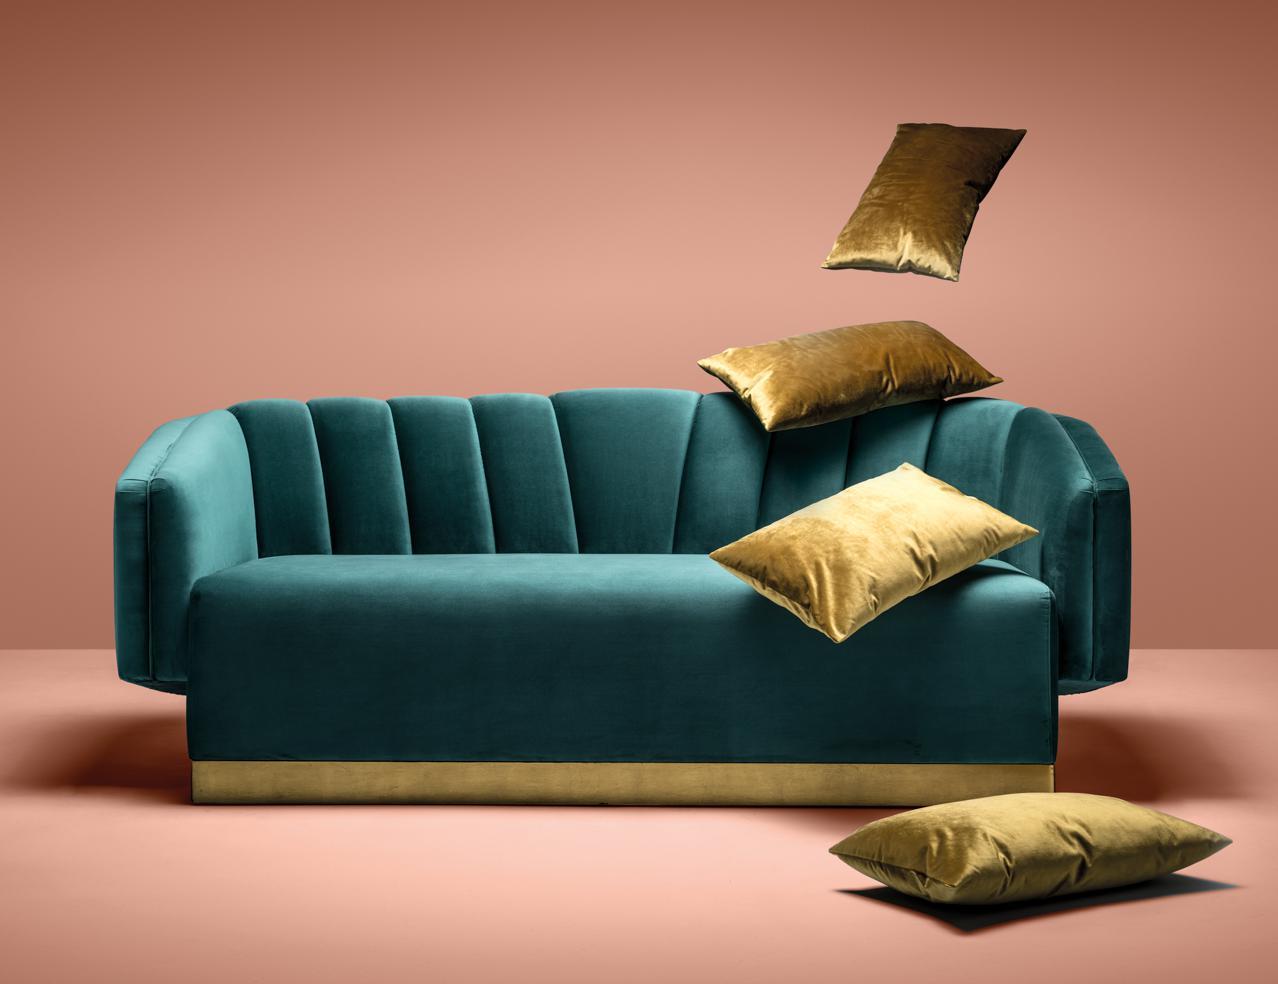 Xu hướng sofa mới nhất hiện nay